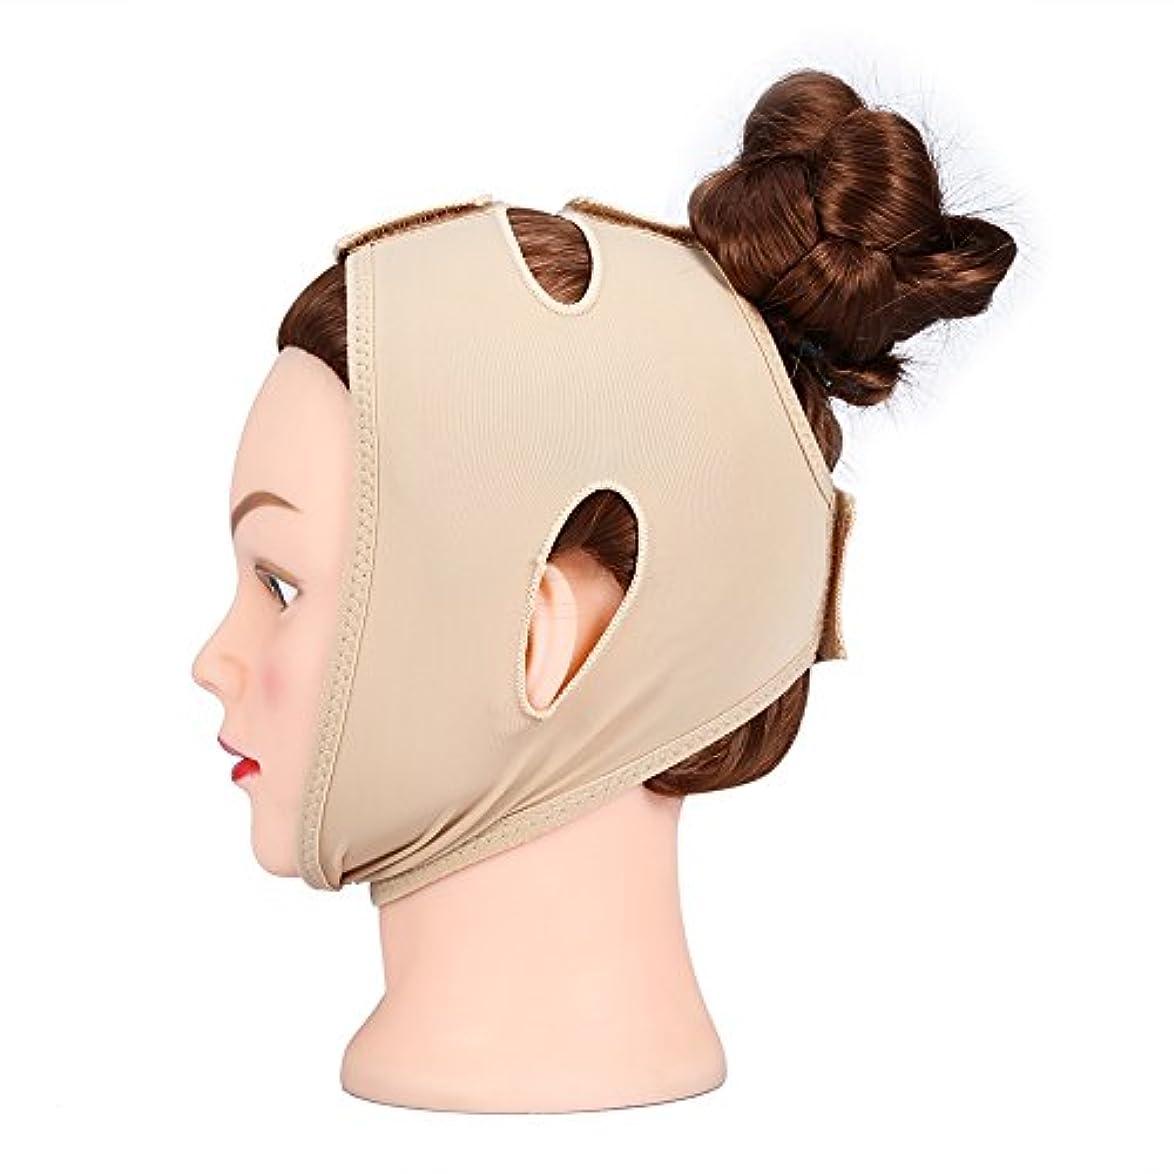 カーテン容疑者魔女痩身フェイスバンド、痩身フェイスマスク、フェイスリフトマスク、睡眠首マスク、二重あご包帯を減らす(M)